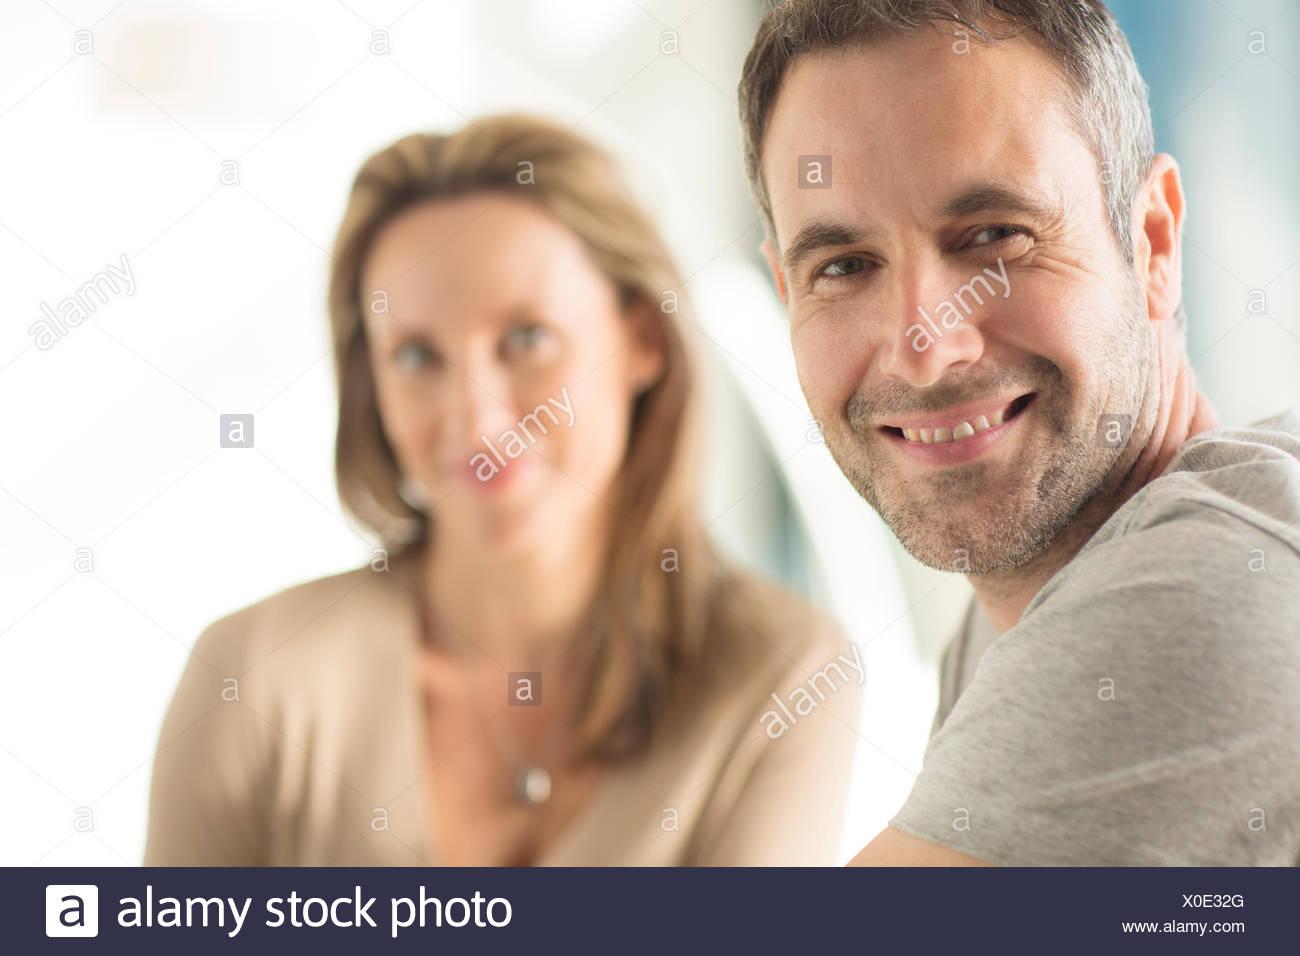 Close up di uomo di volto sorridente Immagini Stock